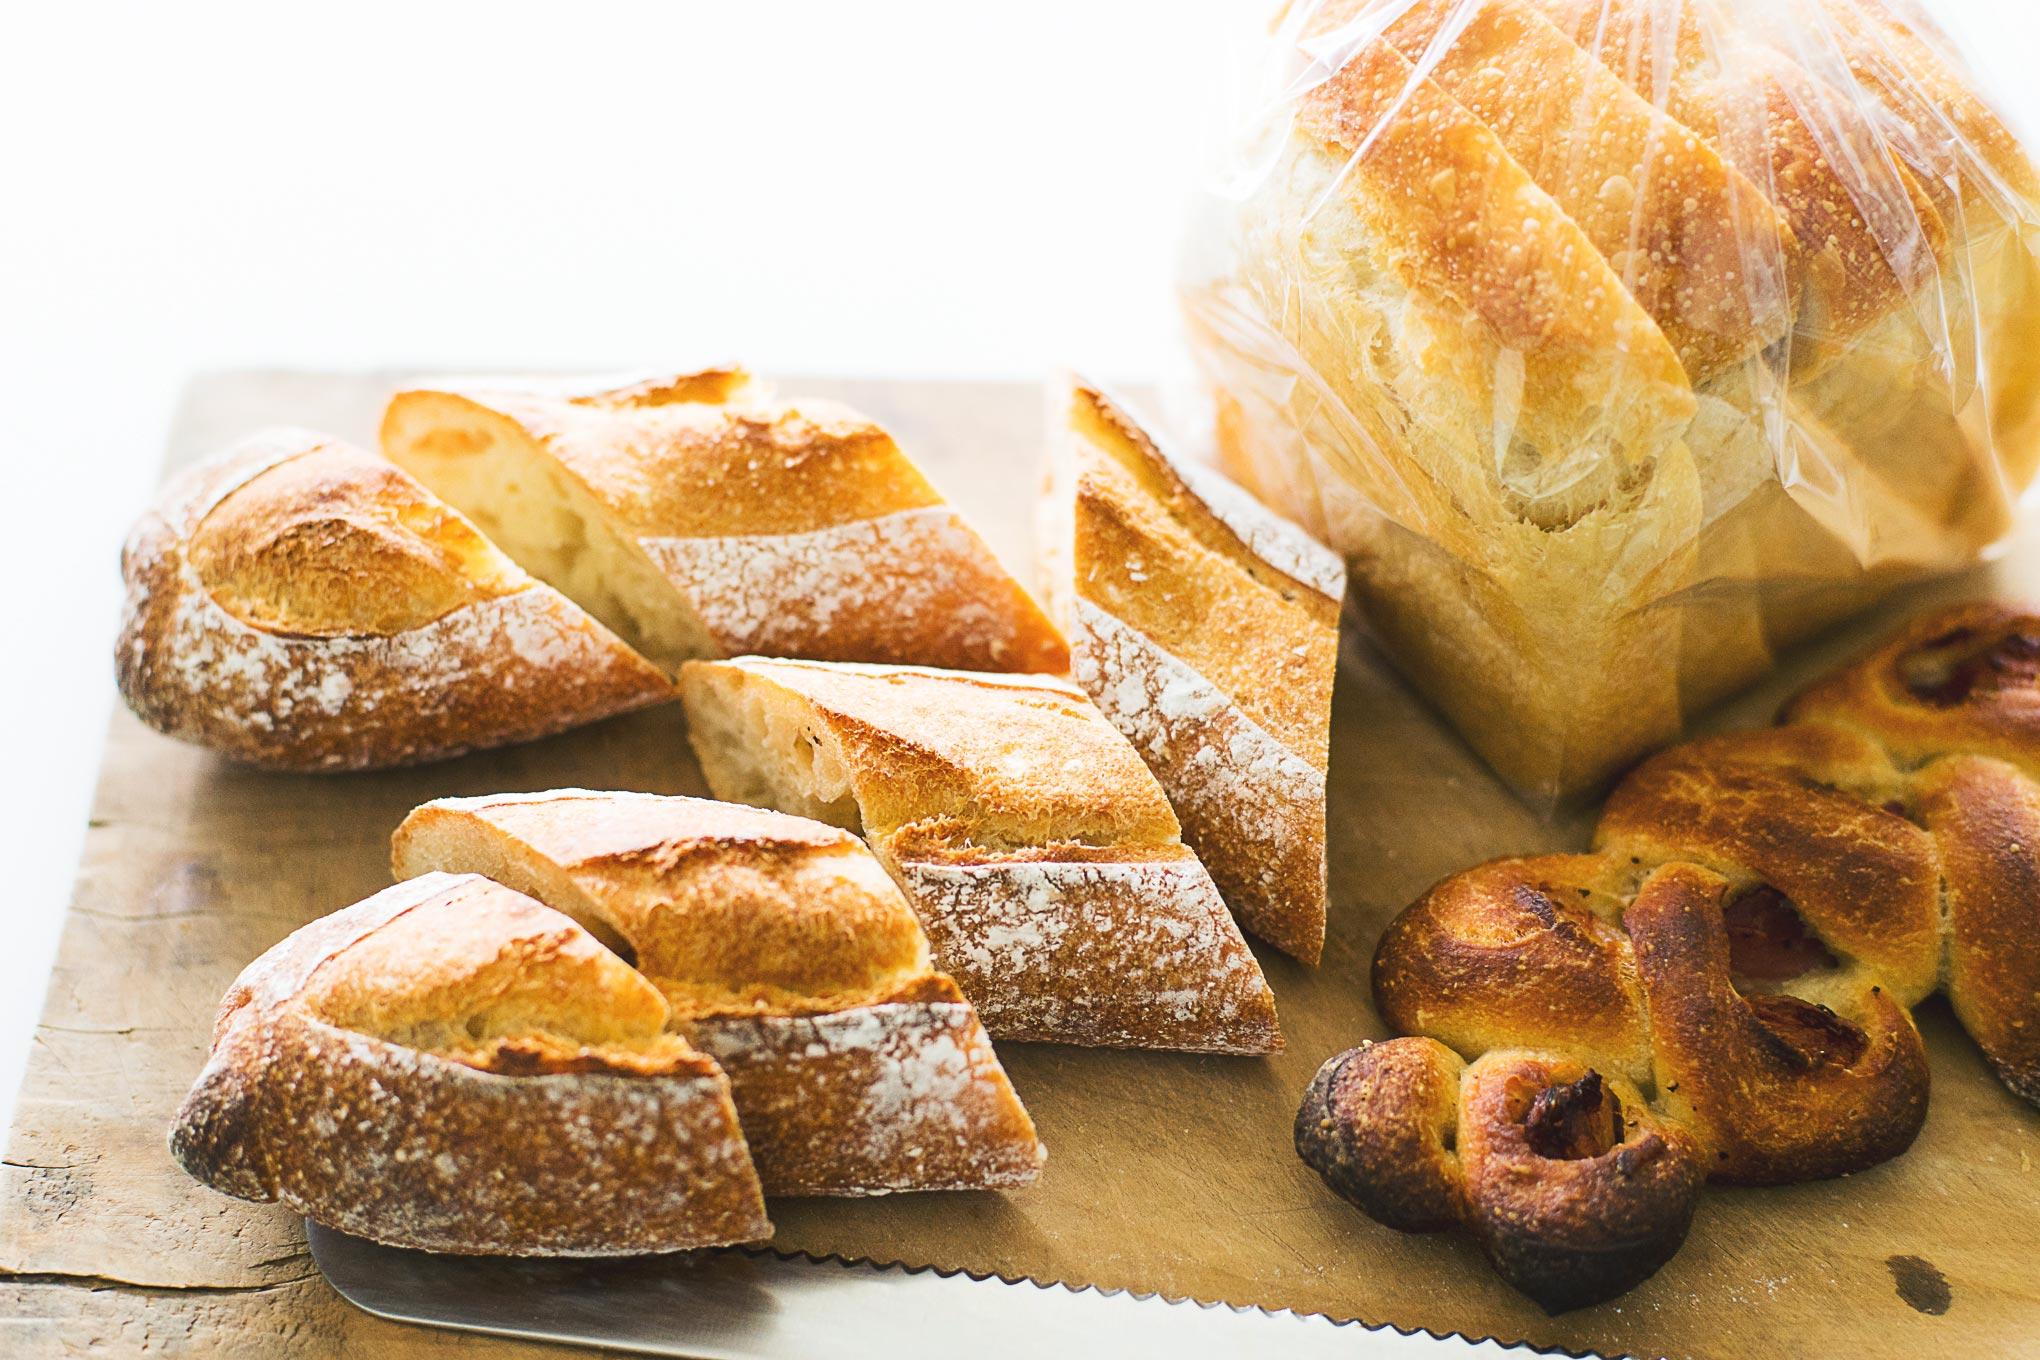 県外のパン友だちとパン交換をしたらめちゃめちゃ楽しかった話し。